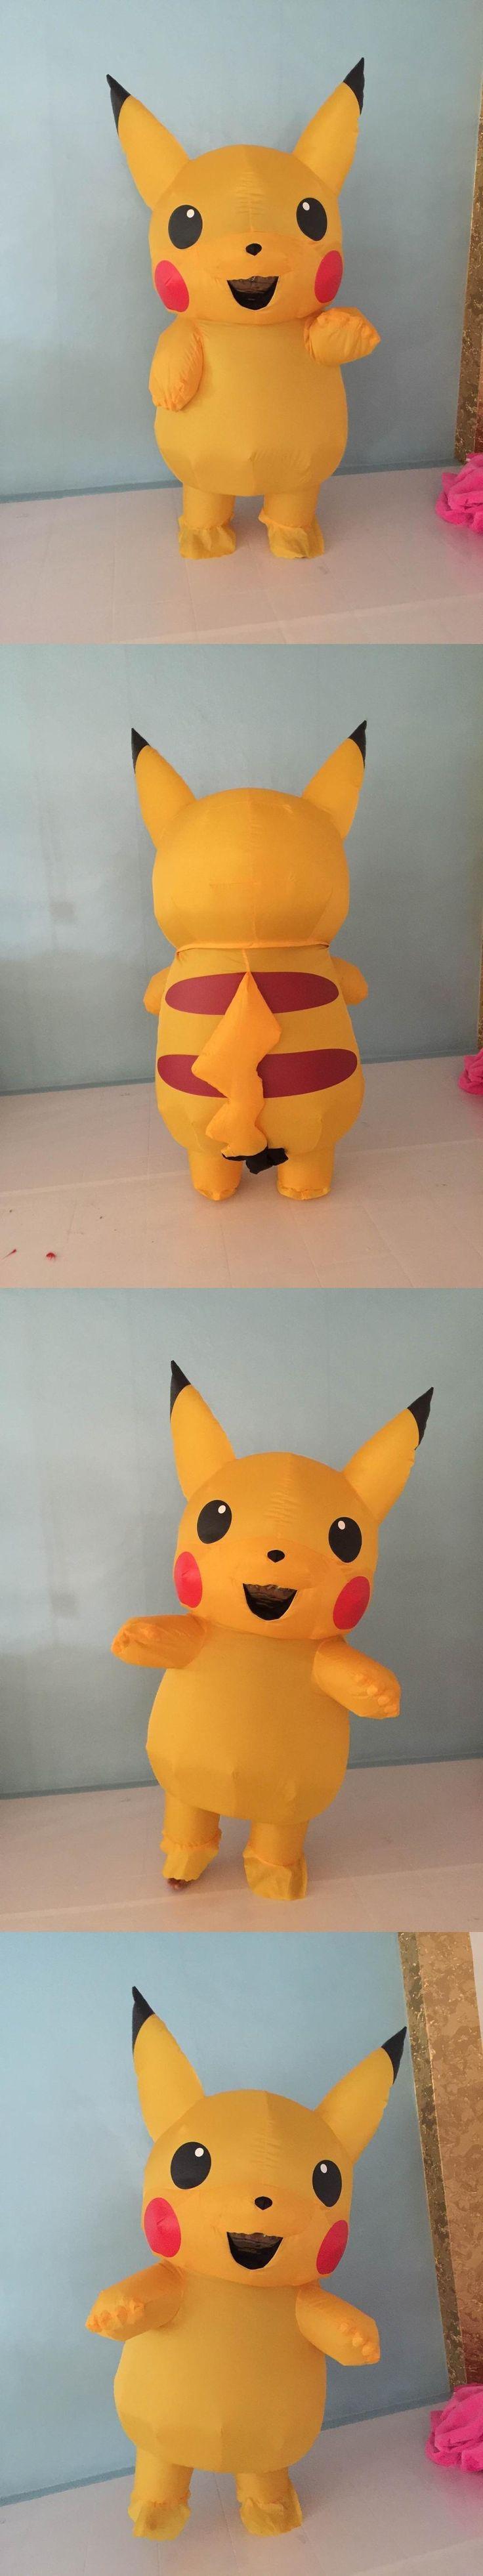 Inflatable Pikachu Costume Pokemon costume halloween costumes for women Girls sexy kids pikachu mascot costume